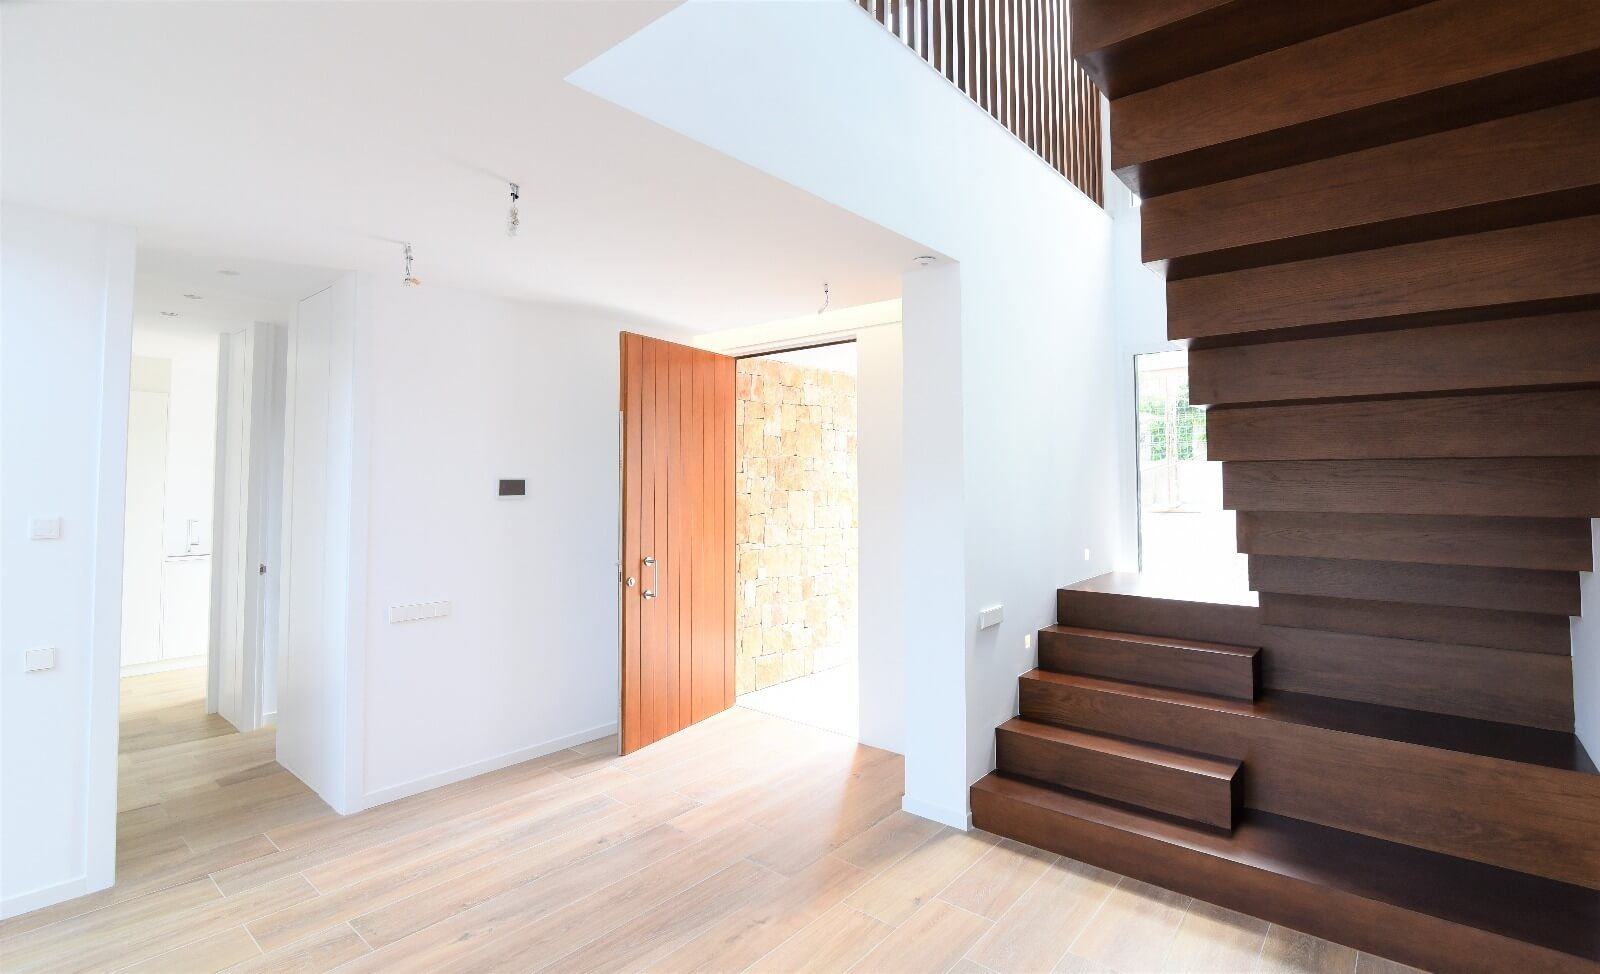 Instalacion domotica control vivienda modular smart Inel